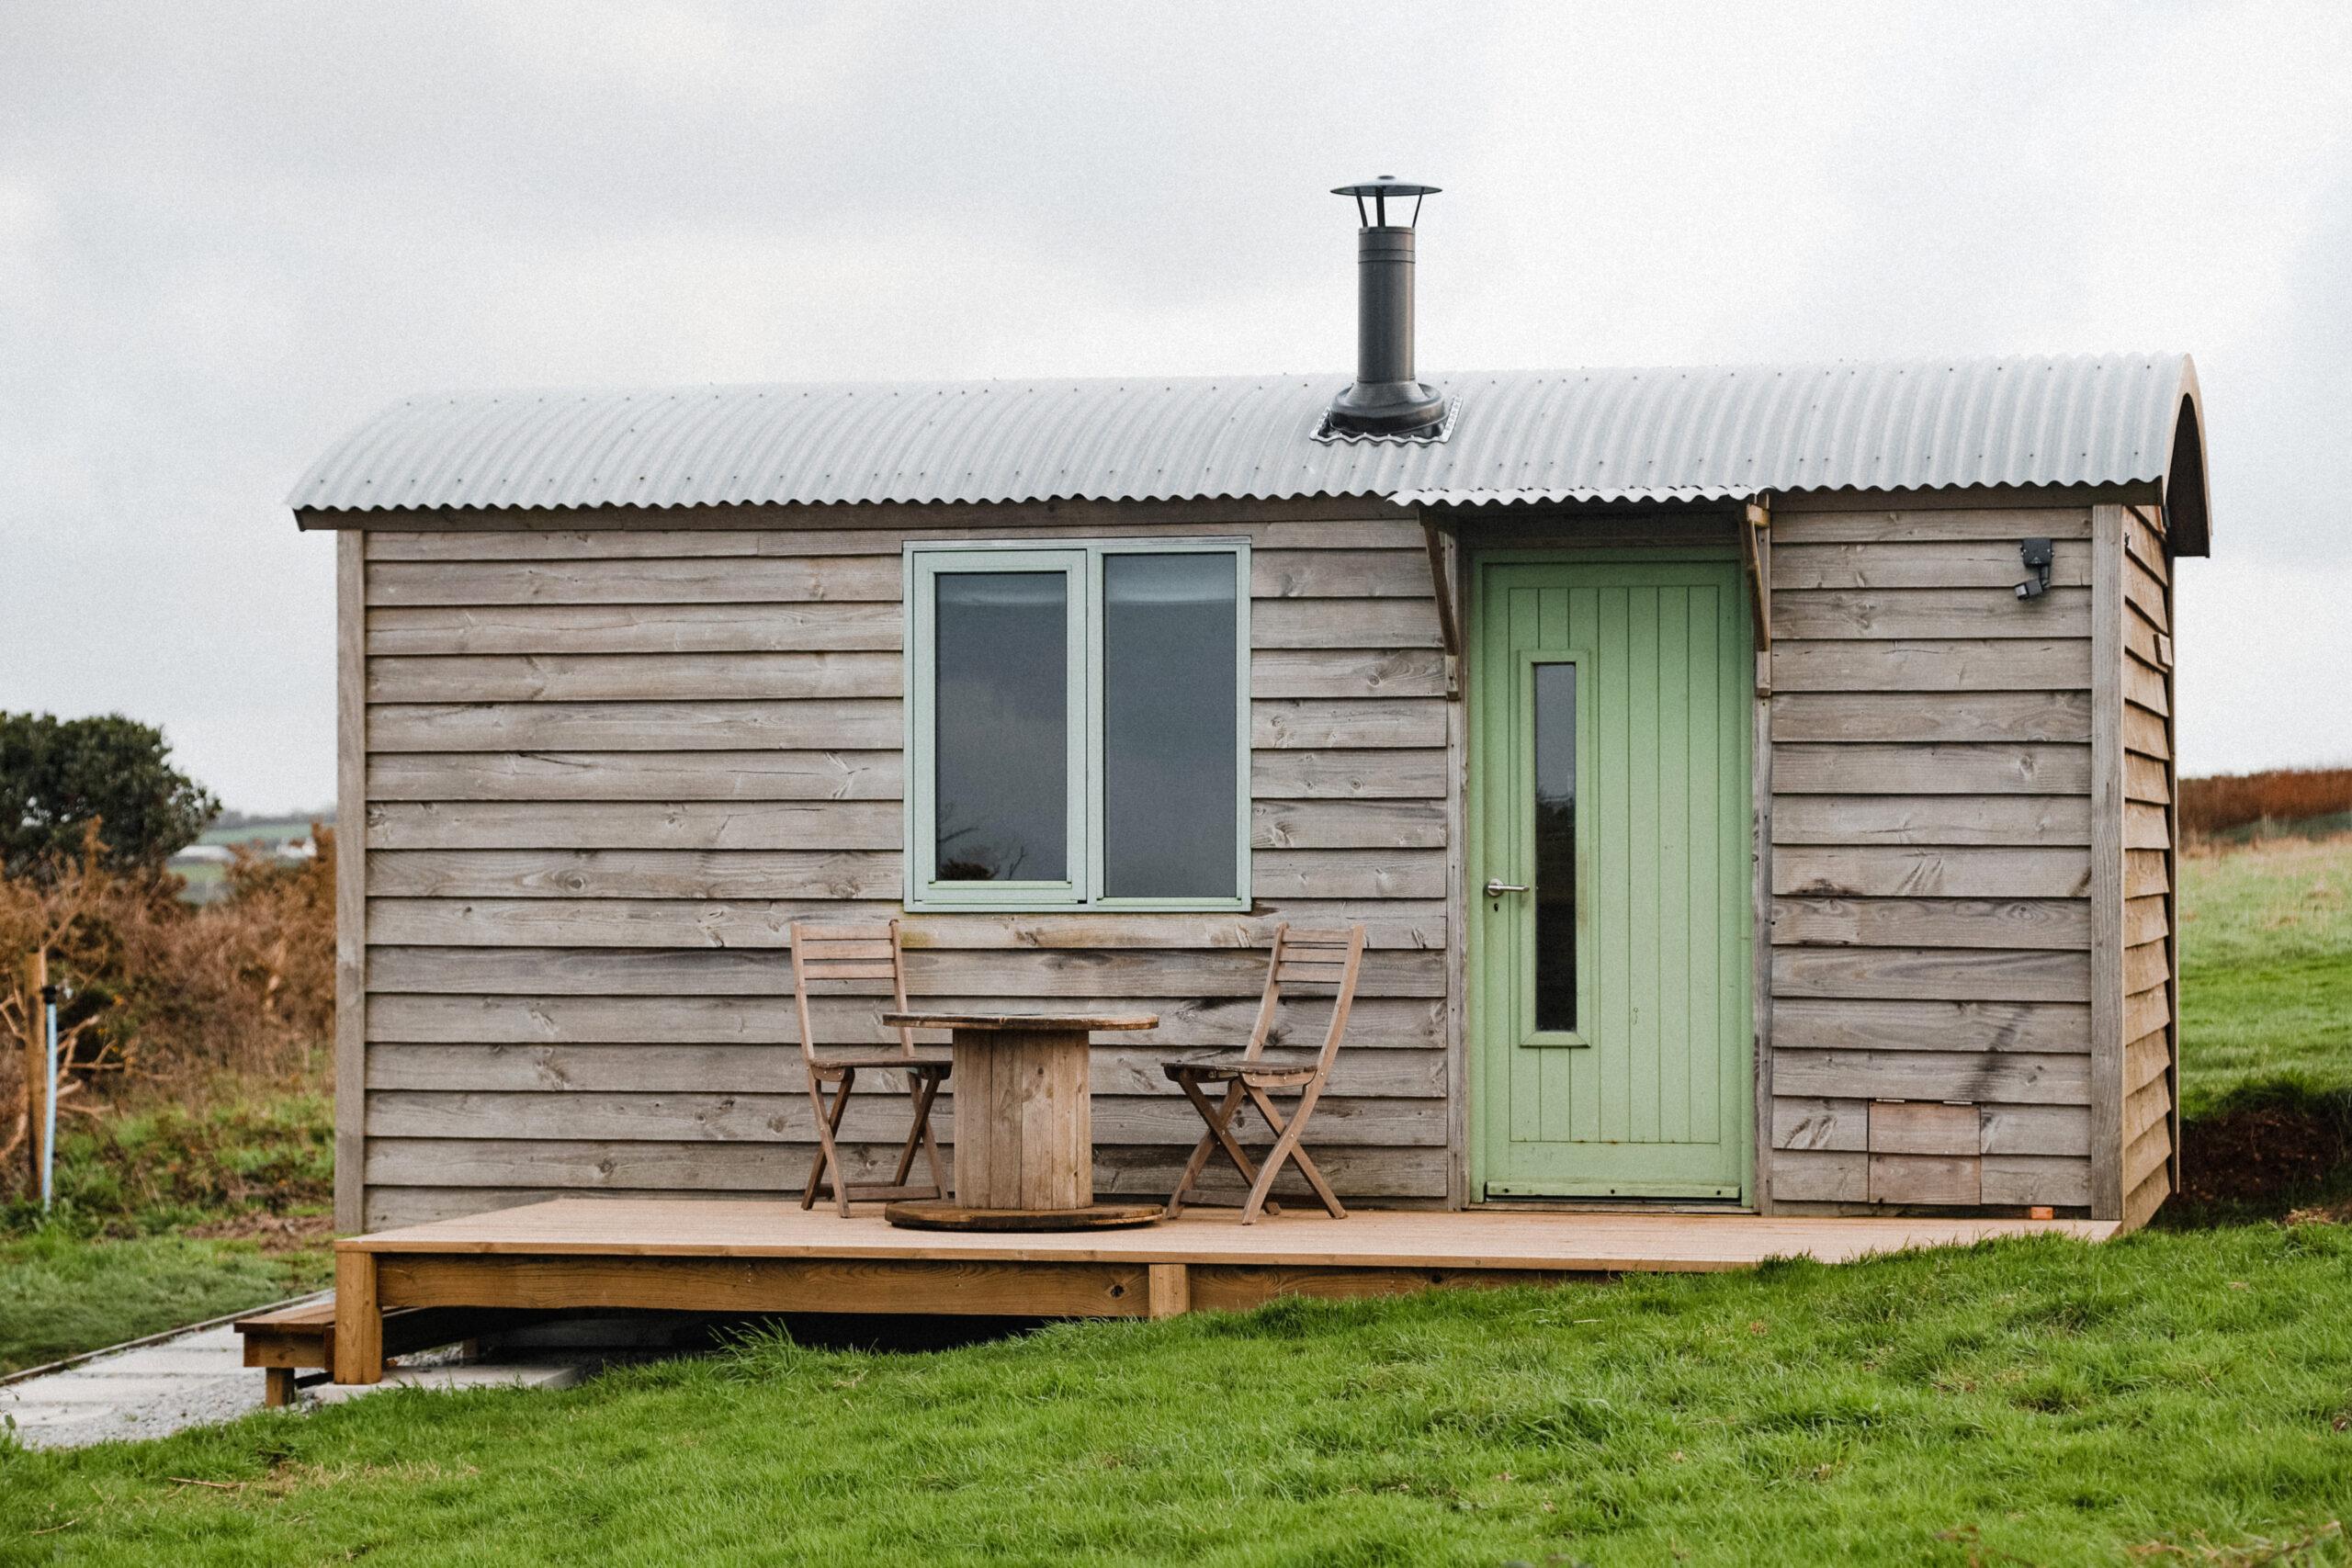 Ty View Shepherd's hut